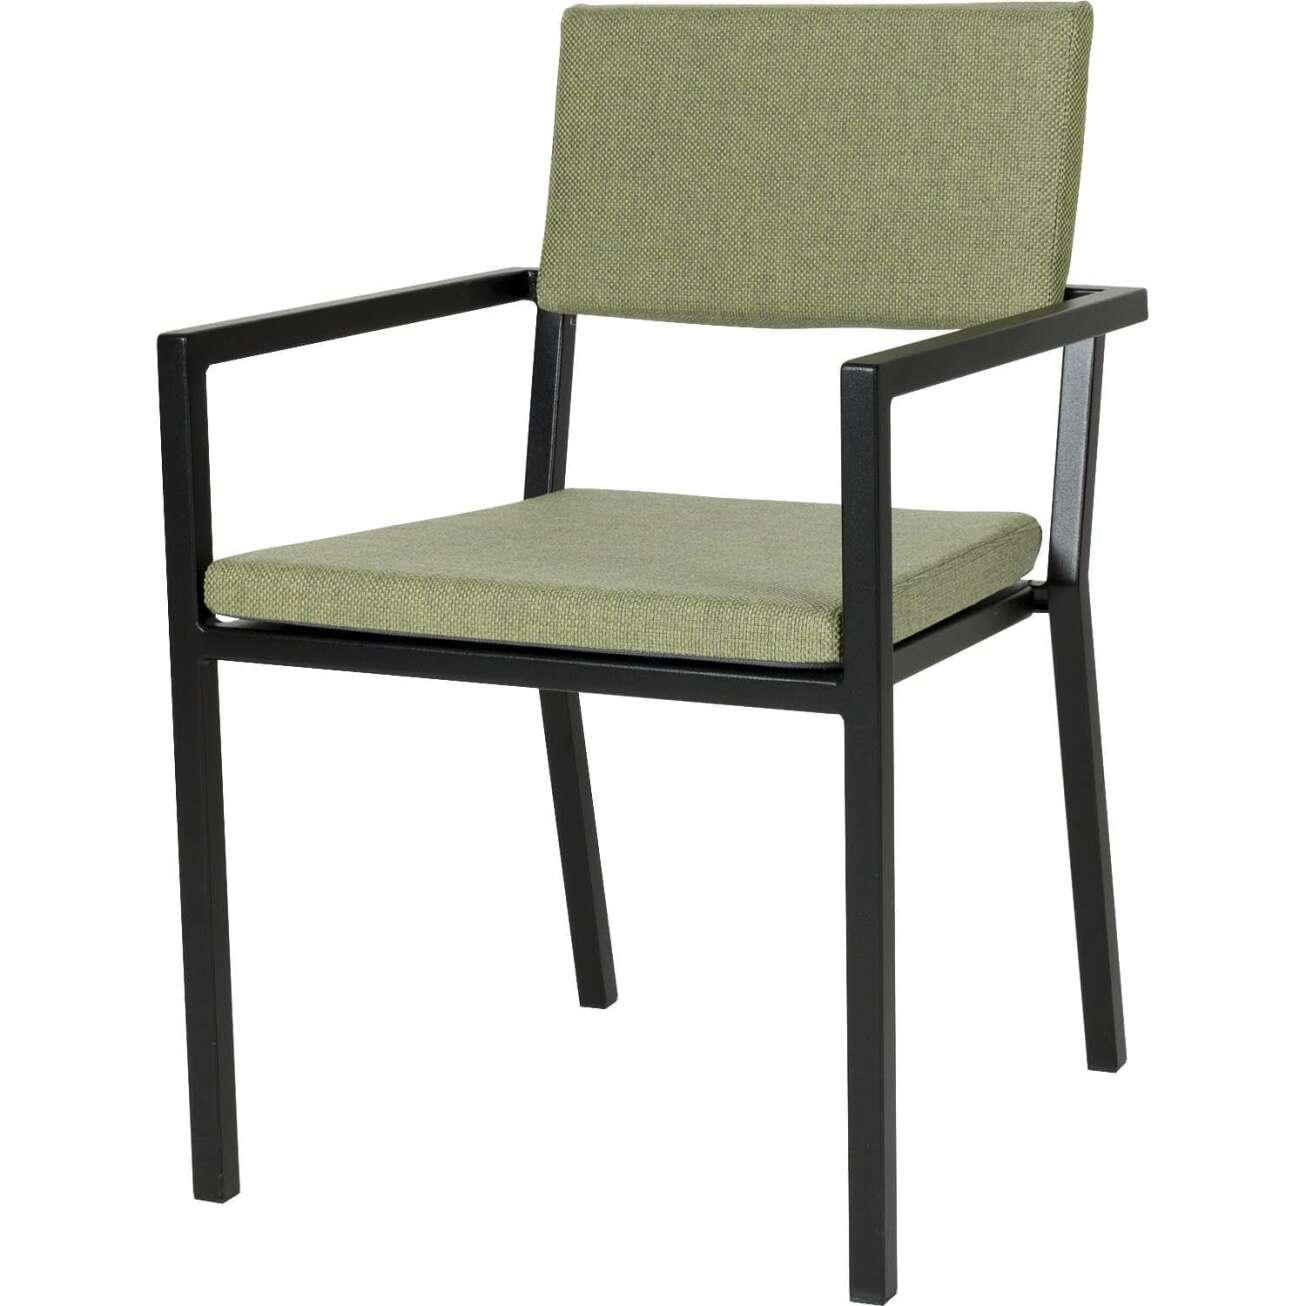 Sundays Frame spisestol i sort aluminium med grønne puter